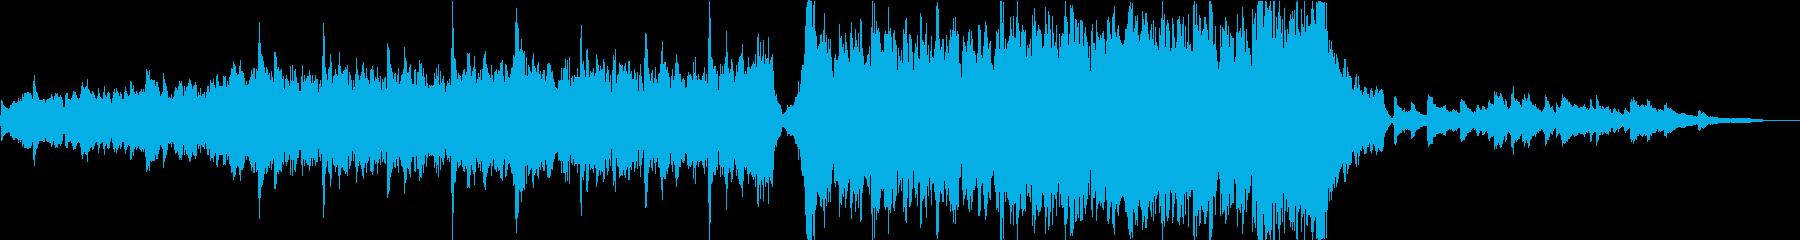 ハリウッド映画のトレーラー風エピック の再生済みの波形